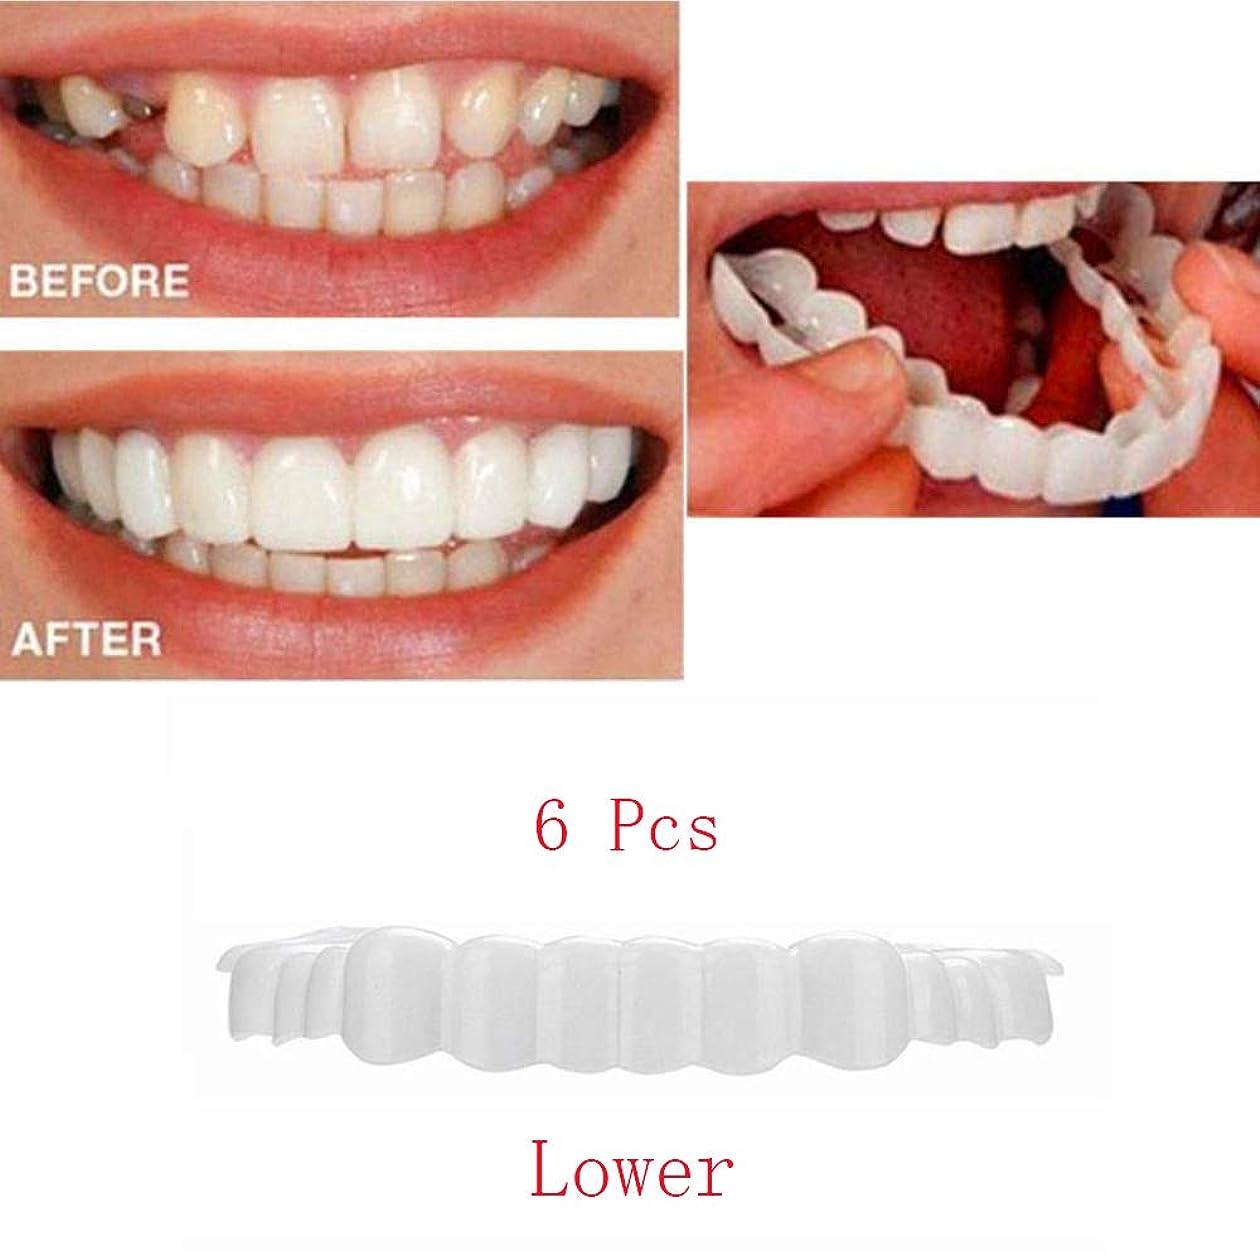 元気彼らの帆6ピースホワイトニング歯下の柔軟な義歯の快適さフィット歯トップ化粧突き板歯科健康オーラルケア模擬歯自然な自信